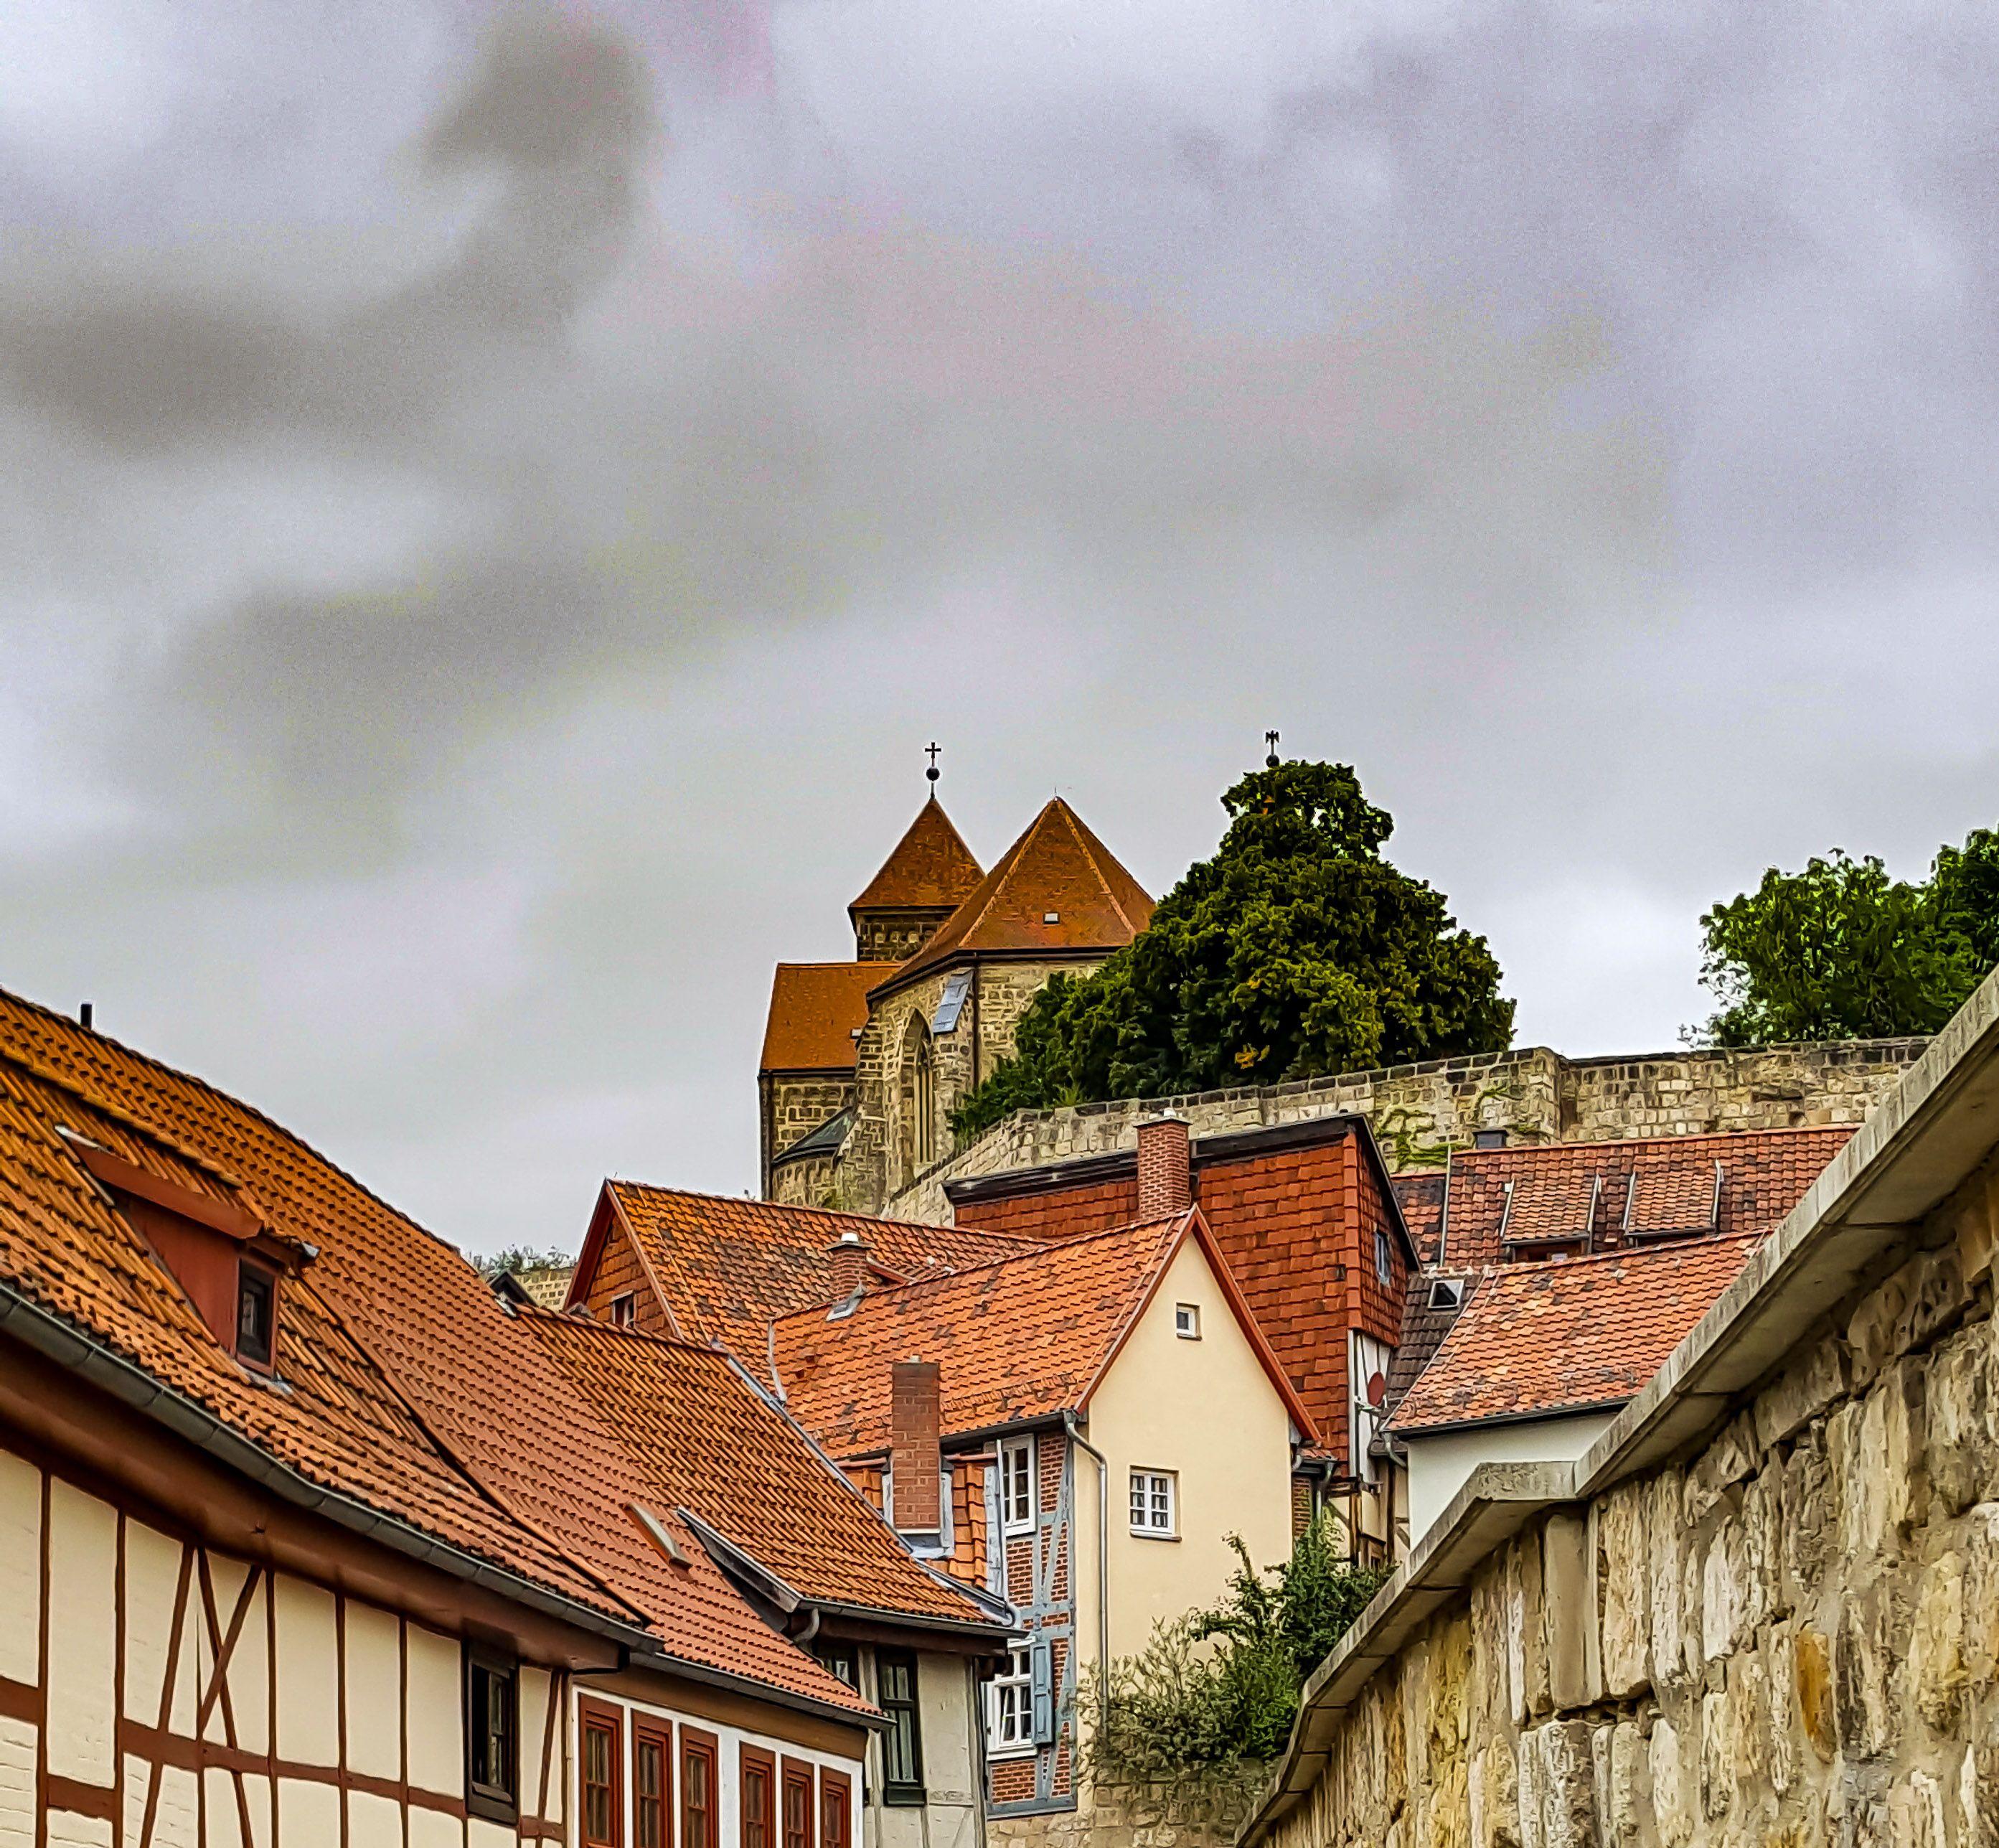 Schlossberg Wohnen, Quedlinburg, Zuhause